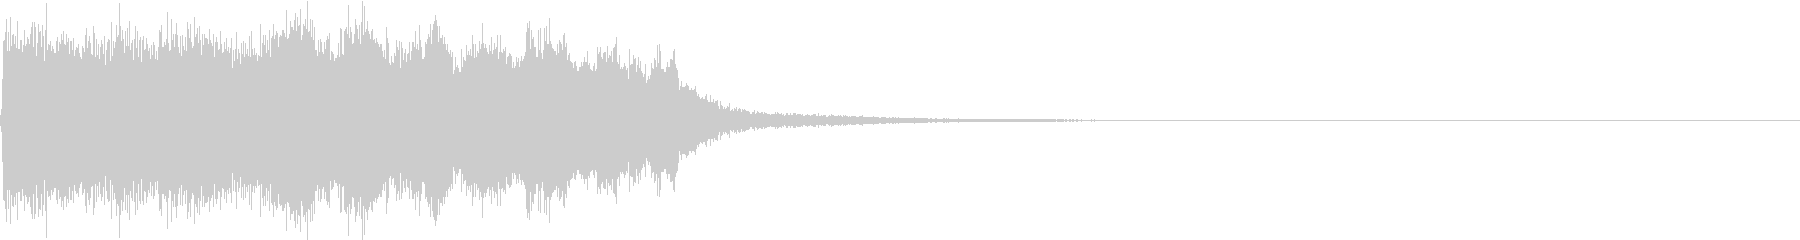 SE ポワーン クイズ出題前 上昇音 4の未再生の波形